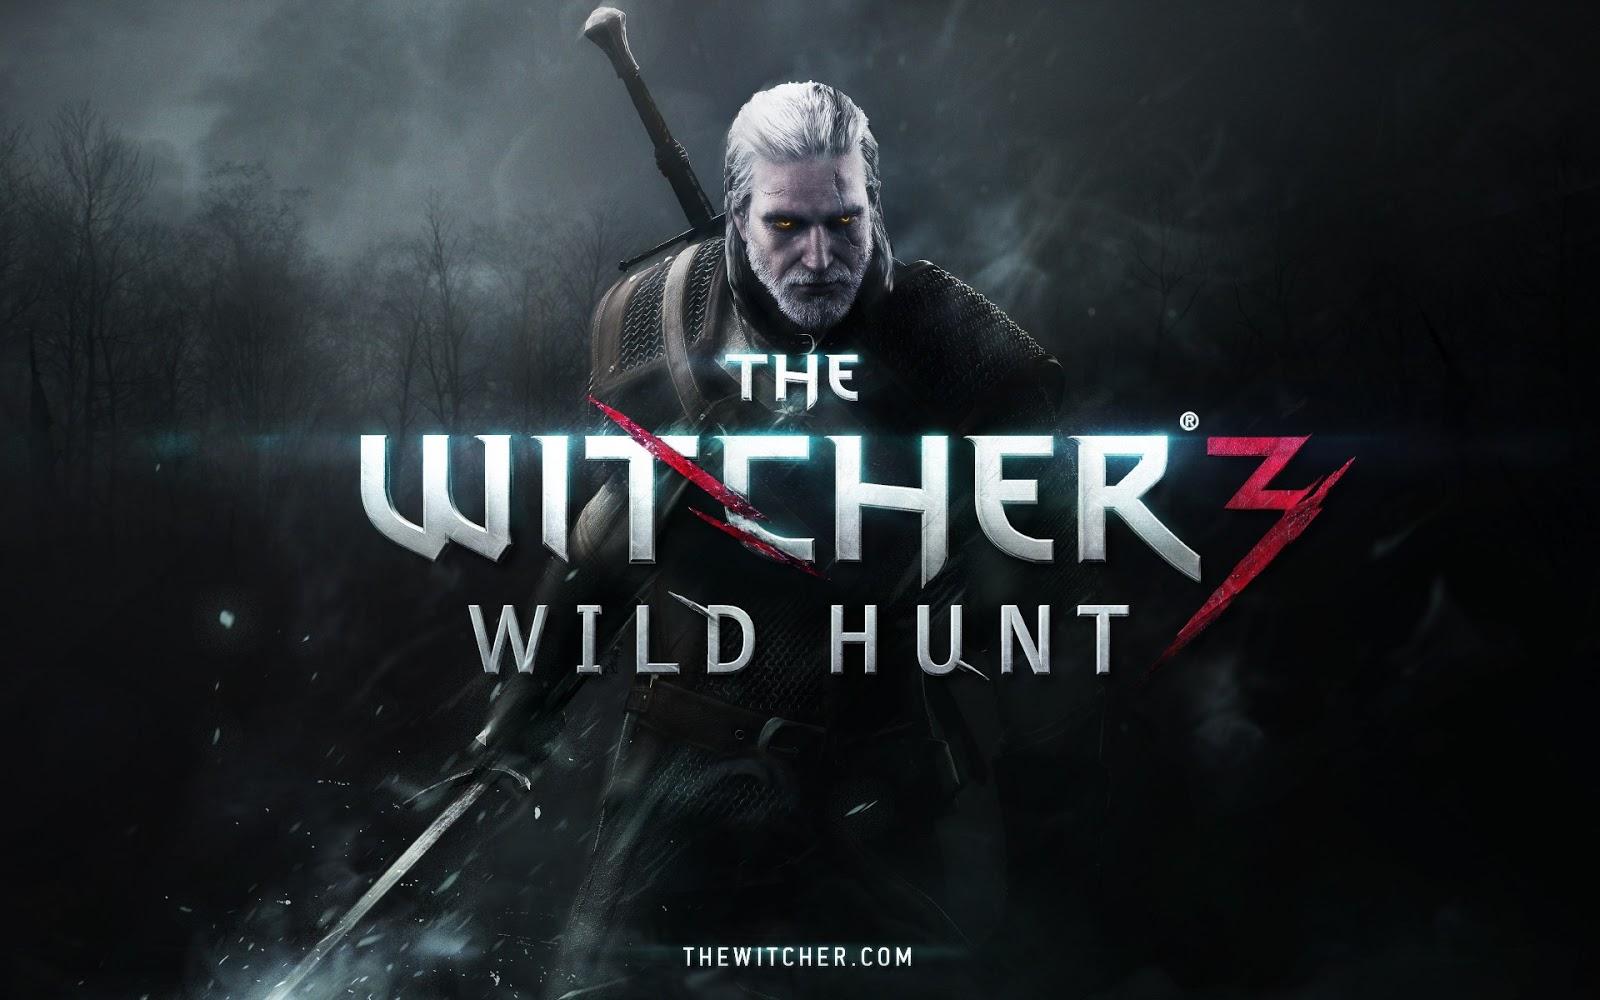 El brujo se retrasa hasta el 2015 The_witcher_3_wild_hunt-wide